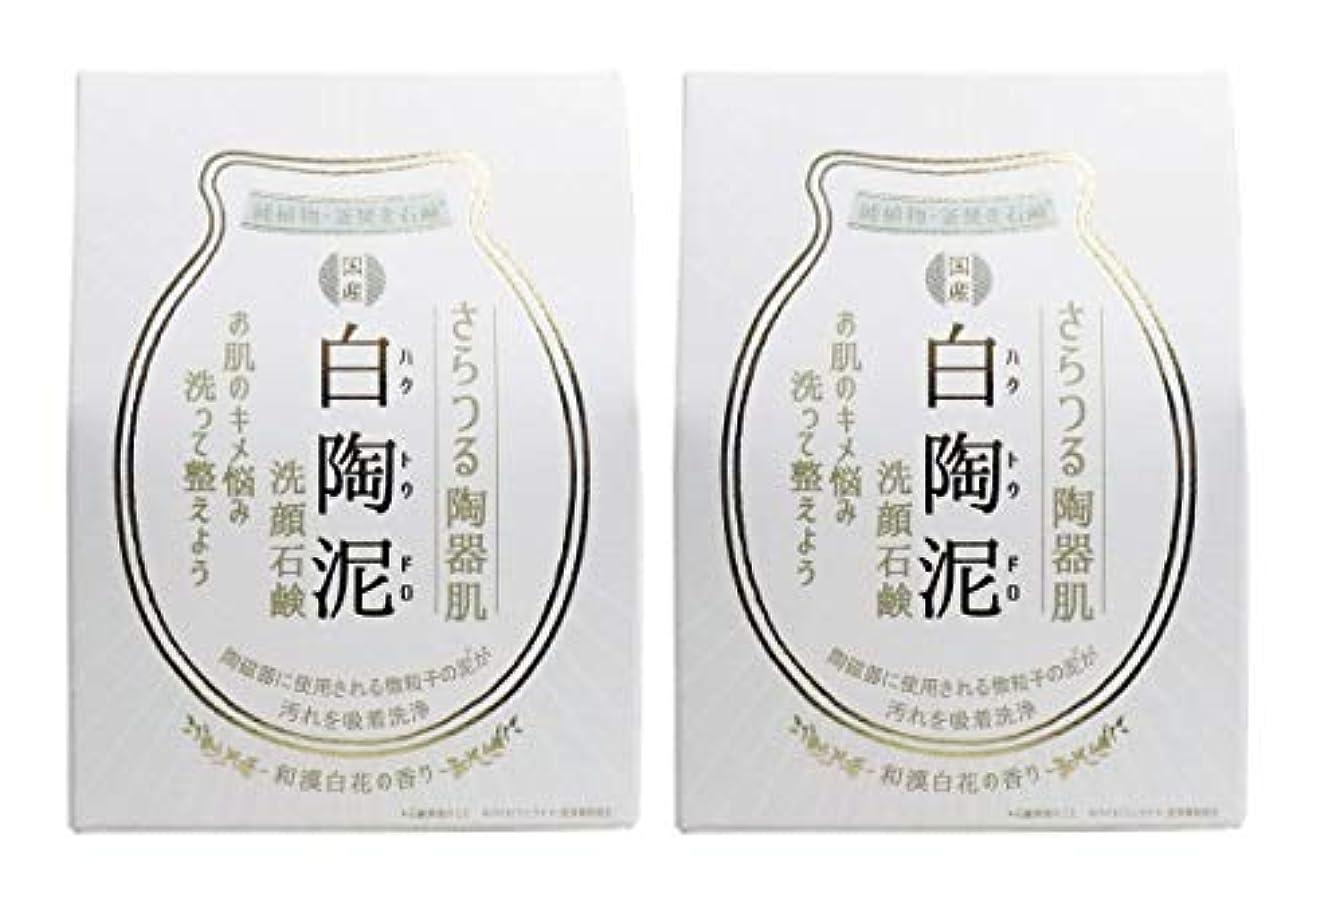 ペリカン石鹸 白陶泥洗顔石鹸 100g×2個セット